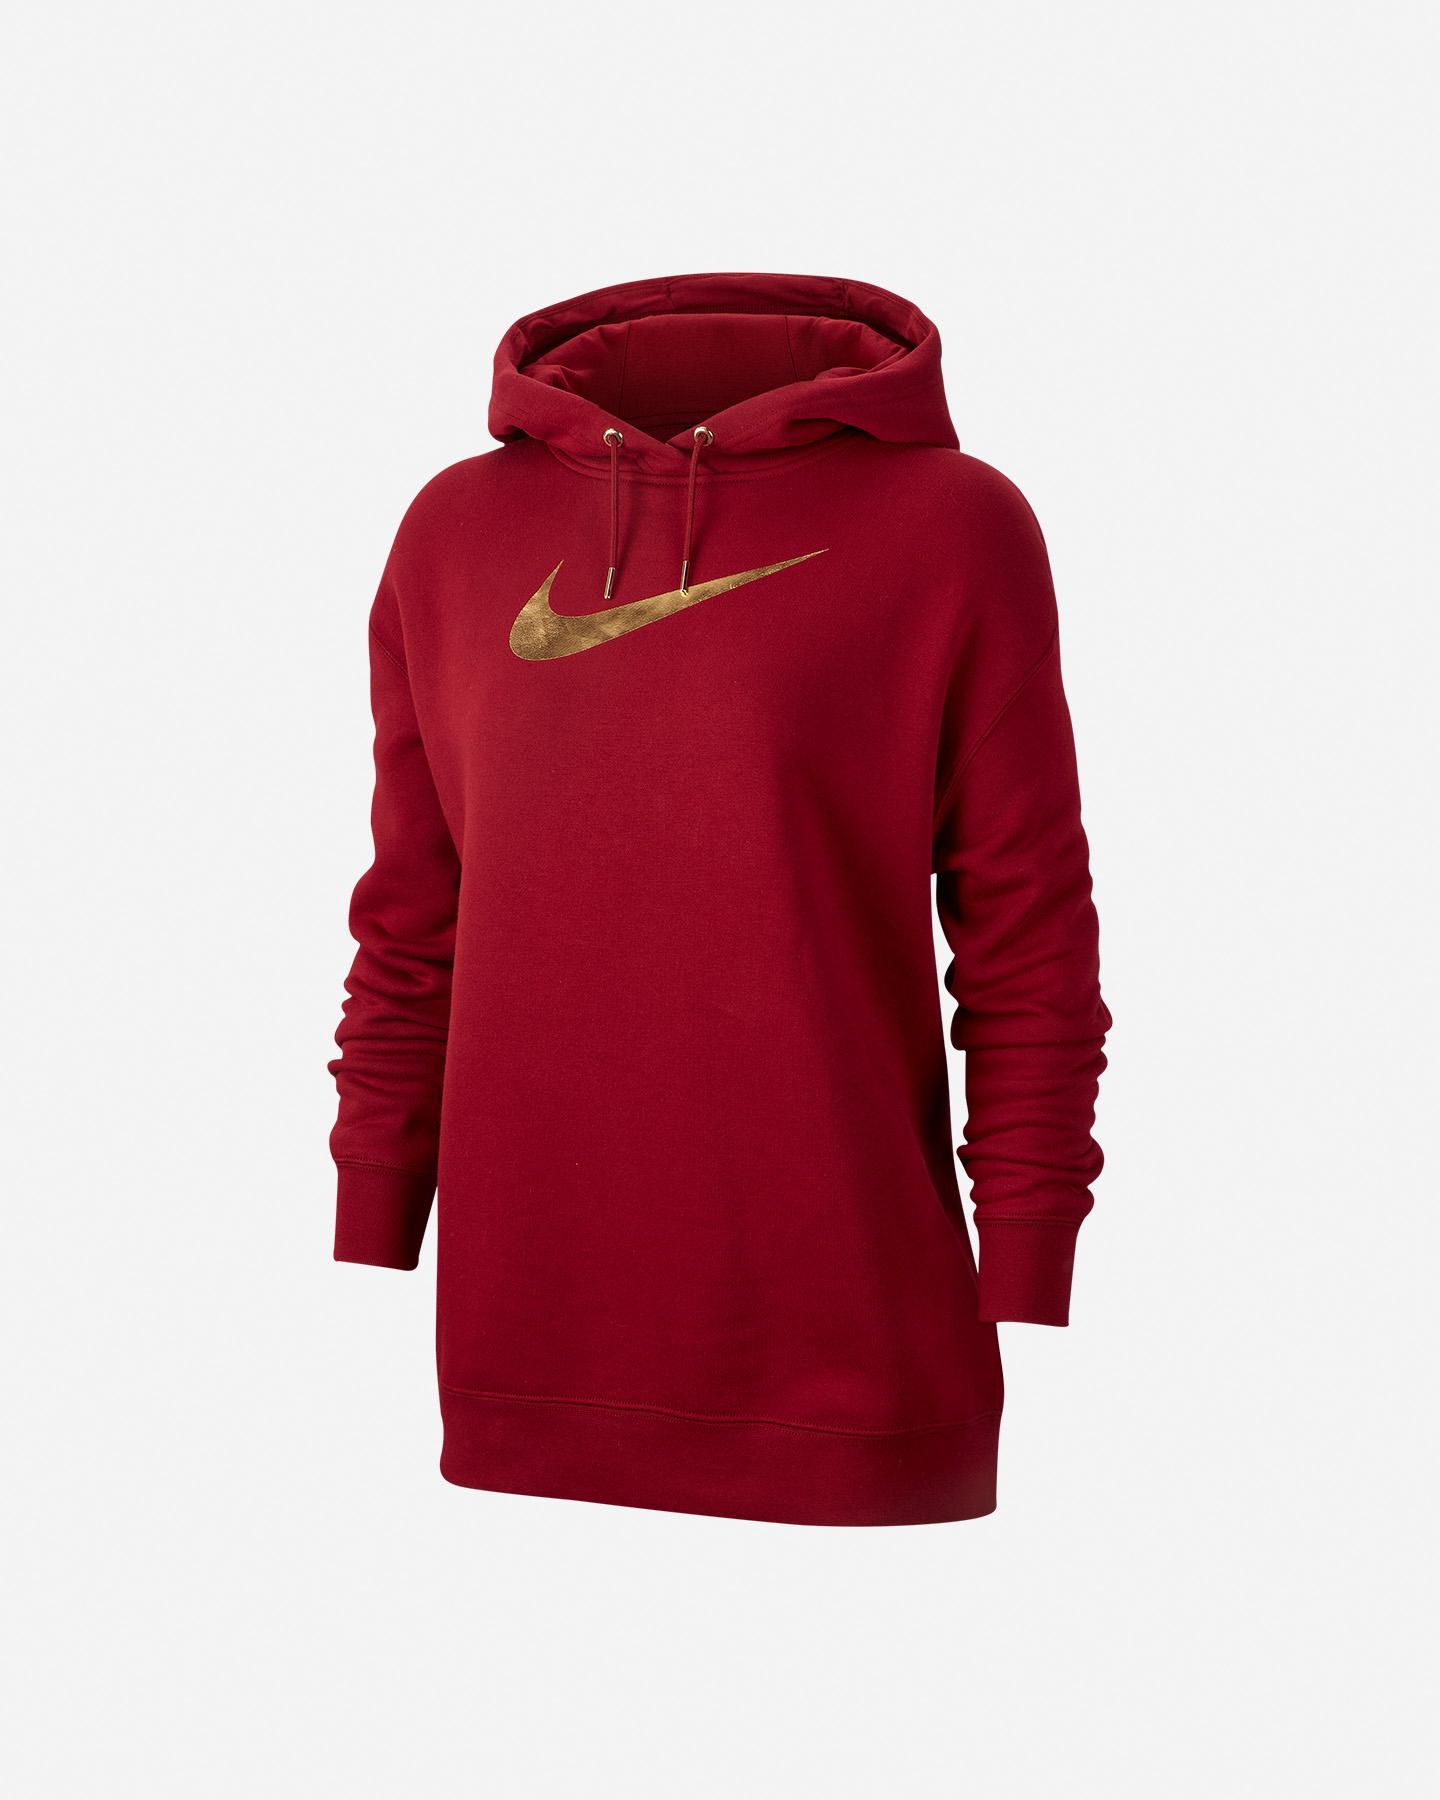 Giacche & Cappotti Donna   Nike Reversible Piumino Verde > O'Pazzariello